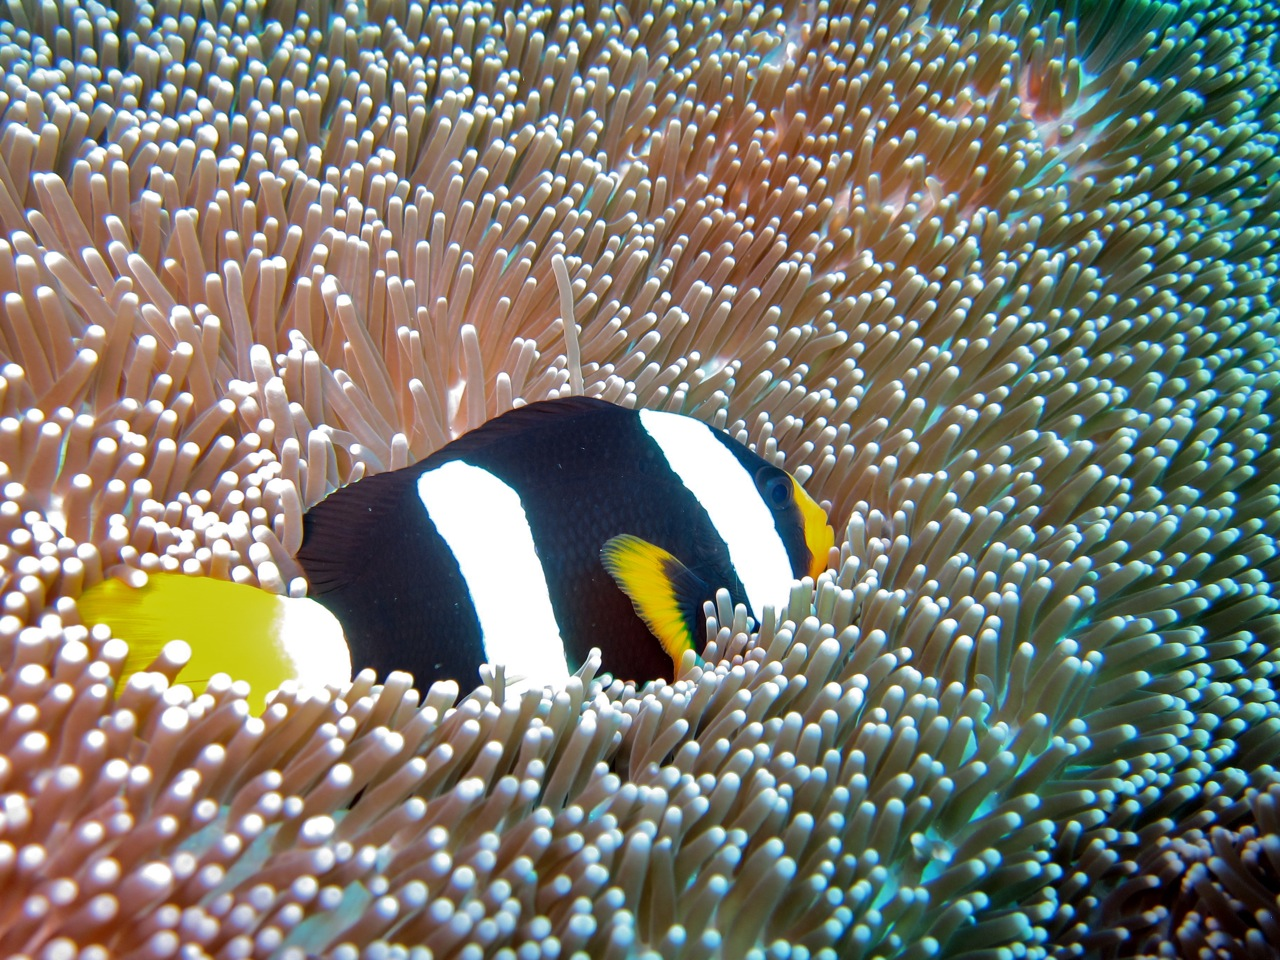 Clarks Anemonefish